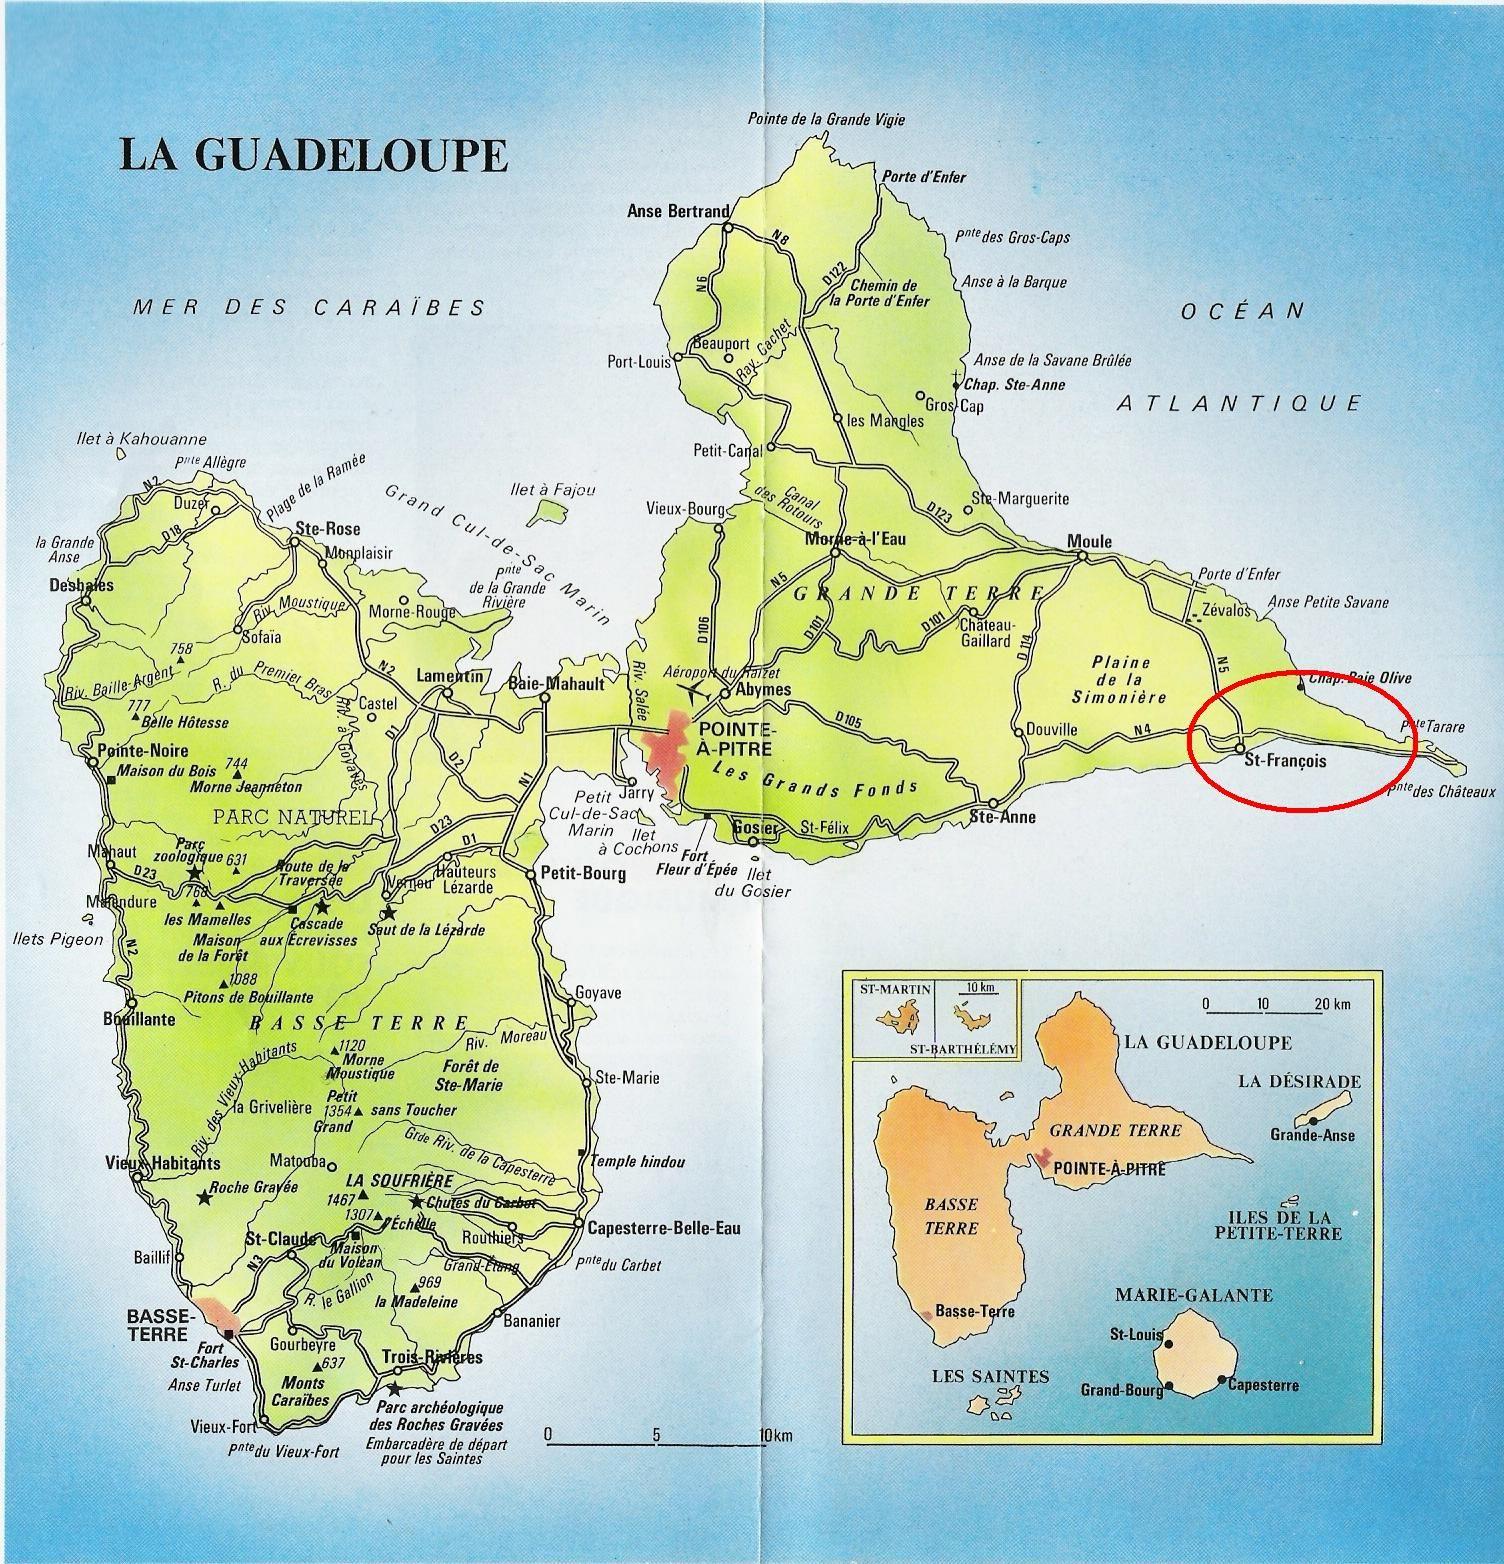 Carte Routière De La Guadeloupe | Guadeloupe Carte encequiconcerne Carte De France Detaillée Gratuite